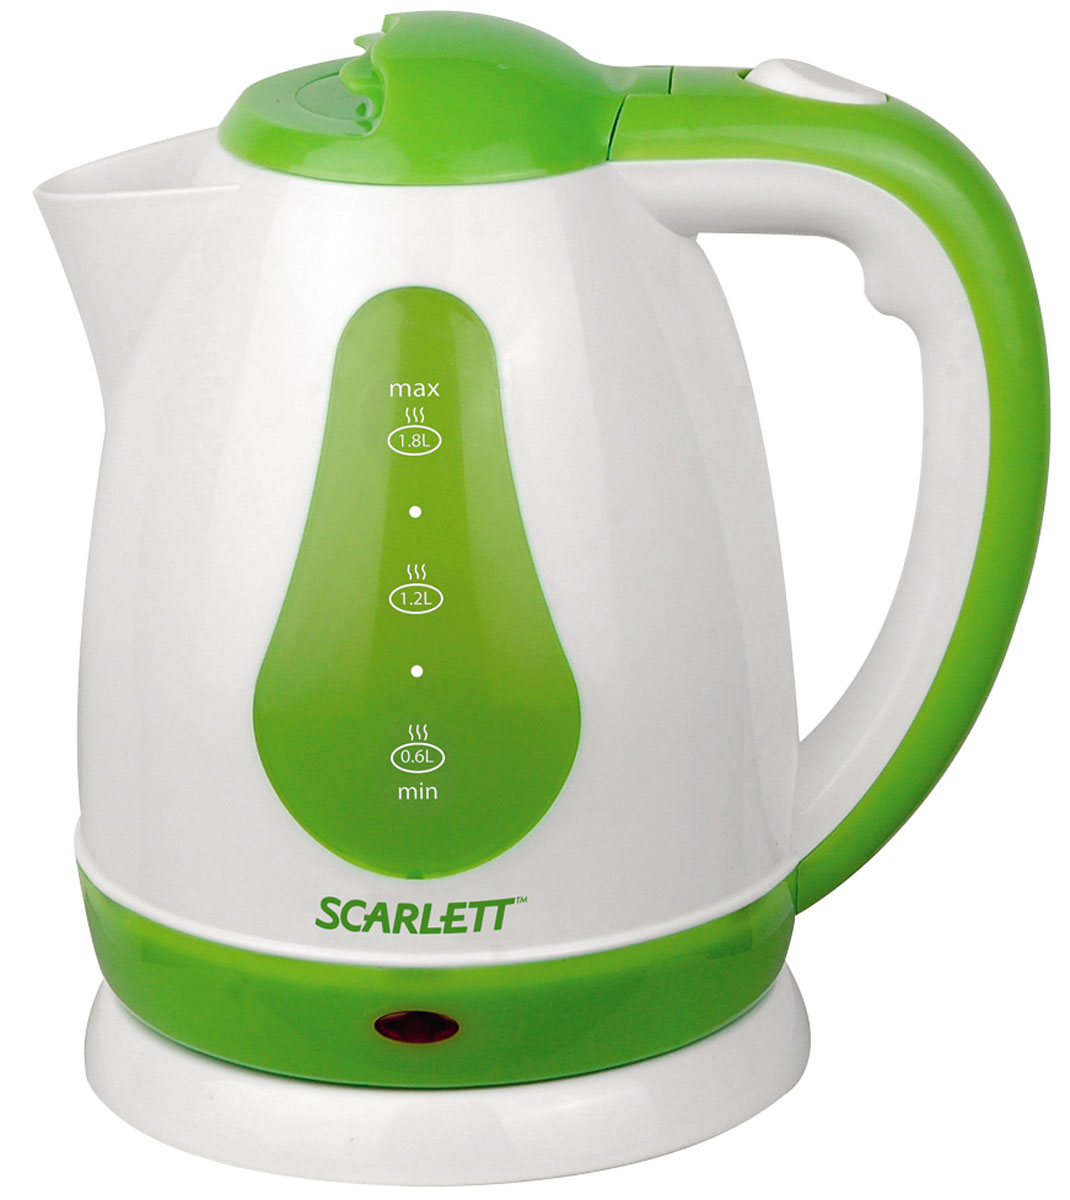 Scarlett SC-EK18P30, White Green чайникSC-EK18P30Электрический чайник Scarlett SC-EK18P30 покорит сердца всех любителей эстетичного чаепития! С белым корпусом, украшенным зелеными вставками, подчеркивающими основные элементы устройства чайник станет настоящим украшением кухни или офиса. Крышка плотно прилегает к резервуару и защищает от обжигания горячим паром. Вскипятить воду в чайнике объемом 1,8 литра буквально в считанные минуты возможно благодаря мощности прибора 1700 Вт.